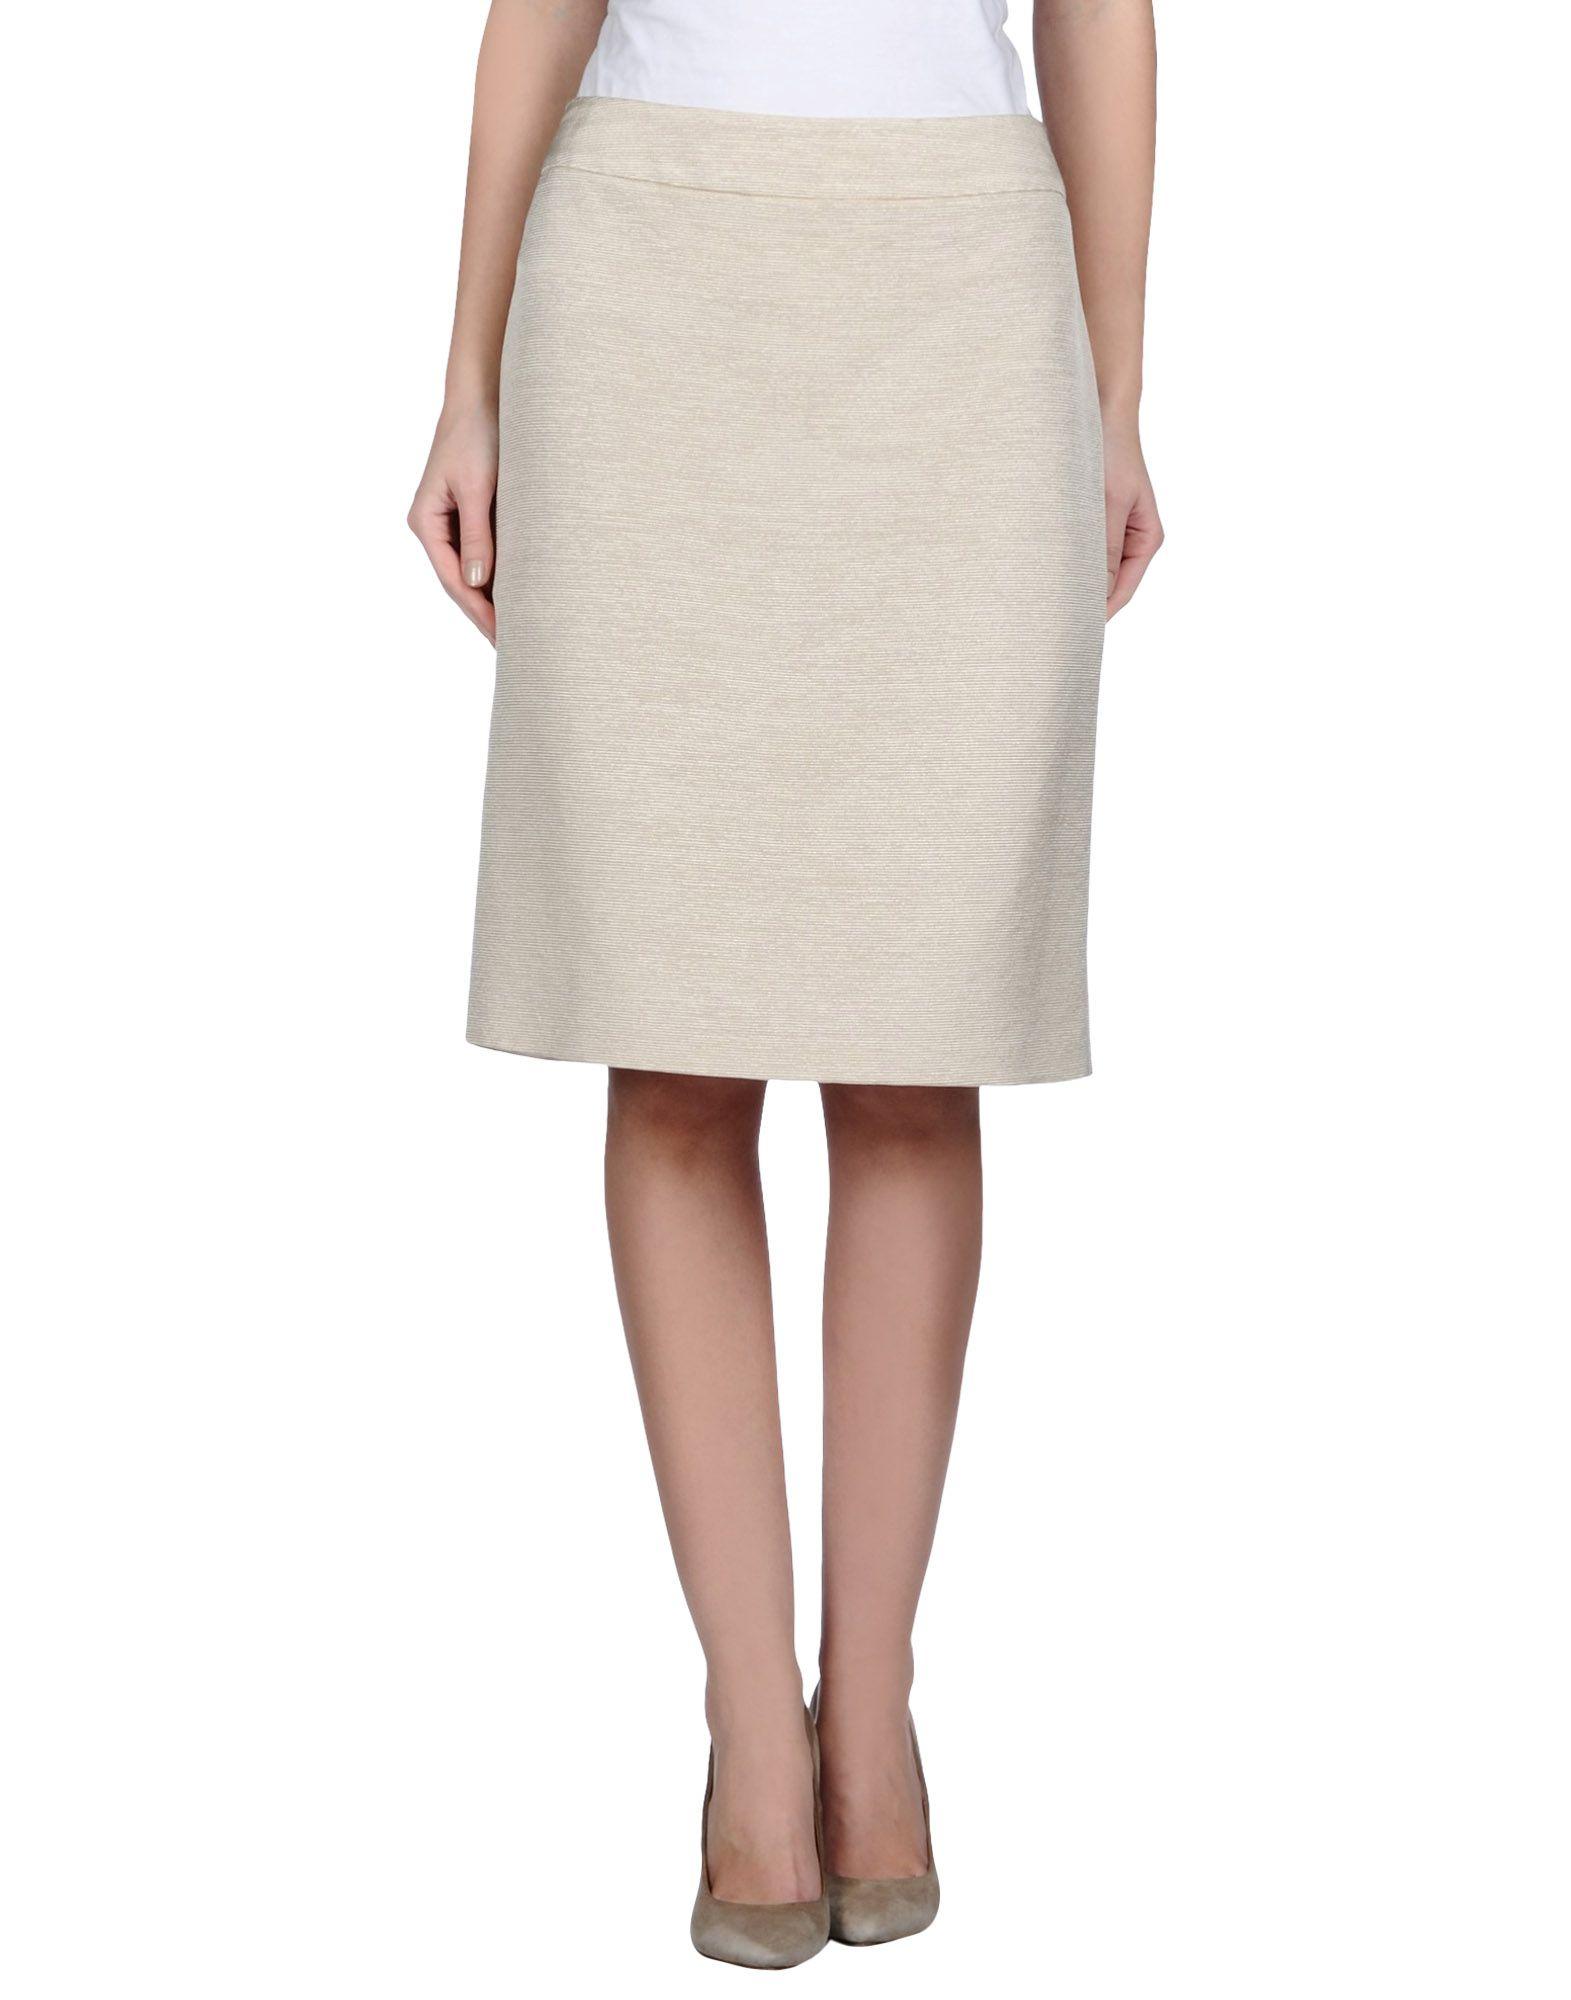 armani knee length skirt in beige